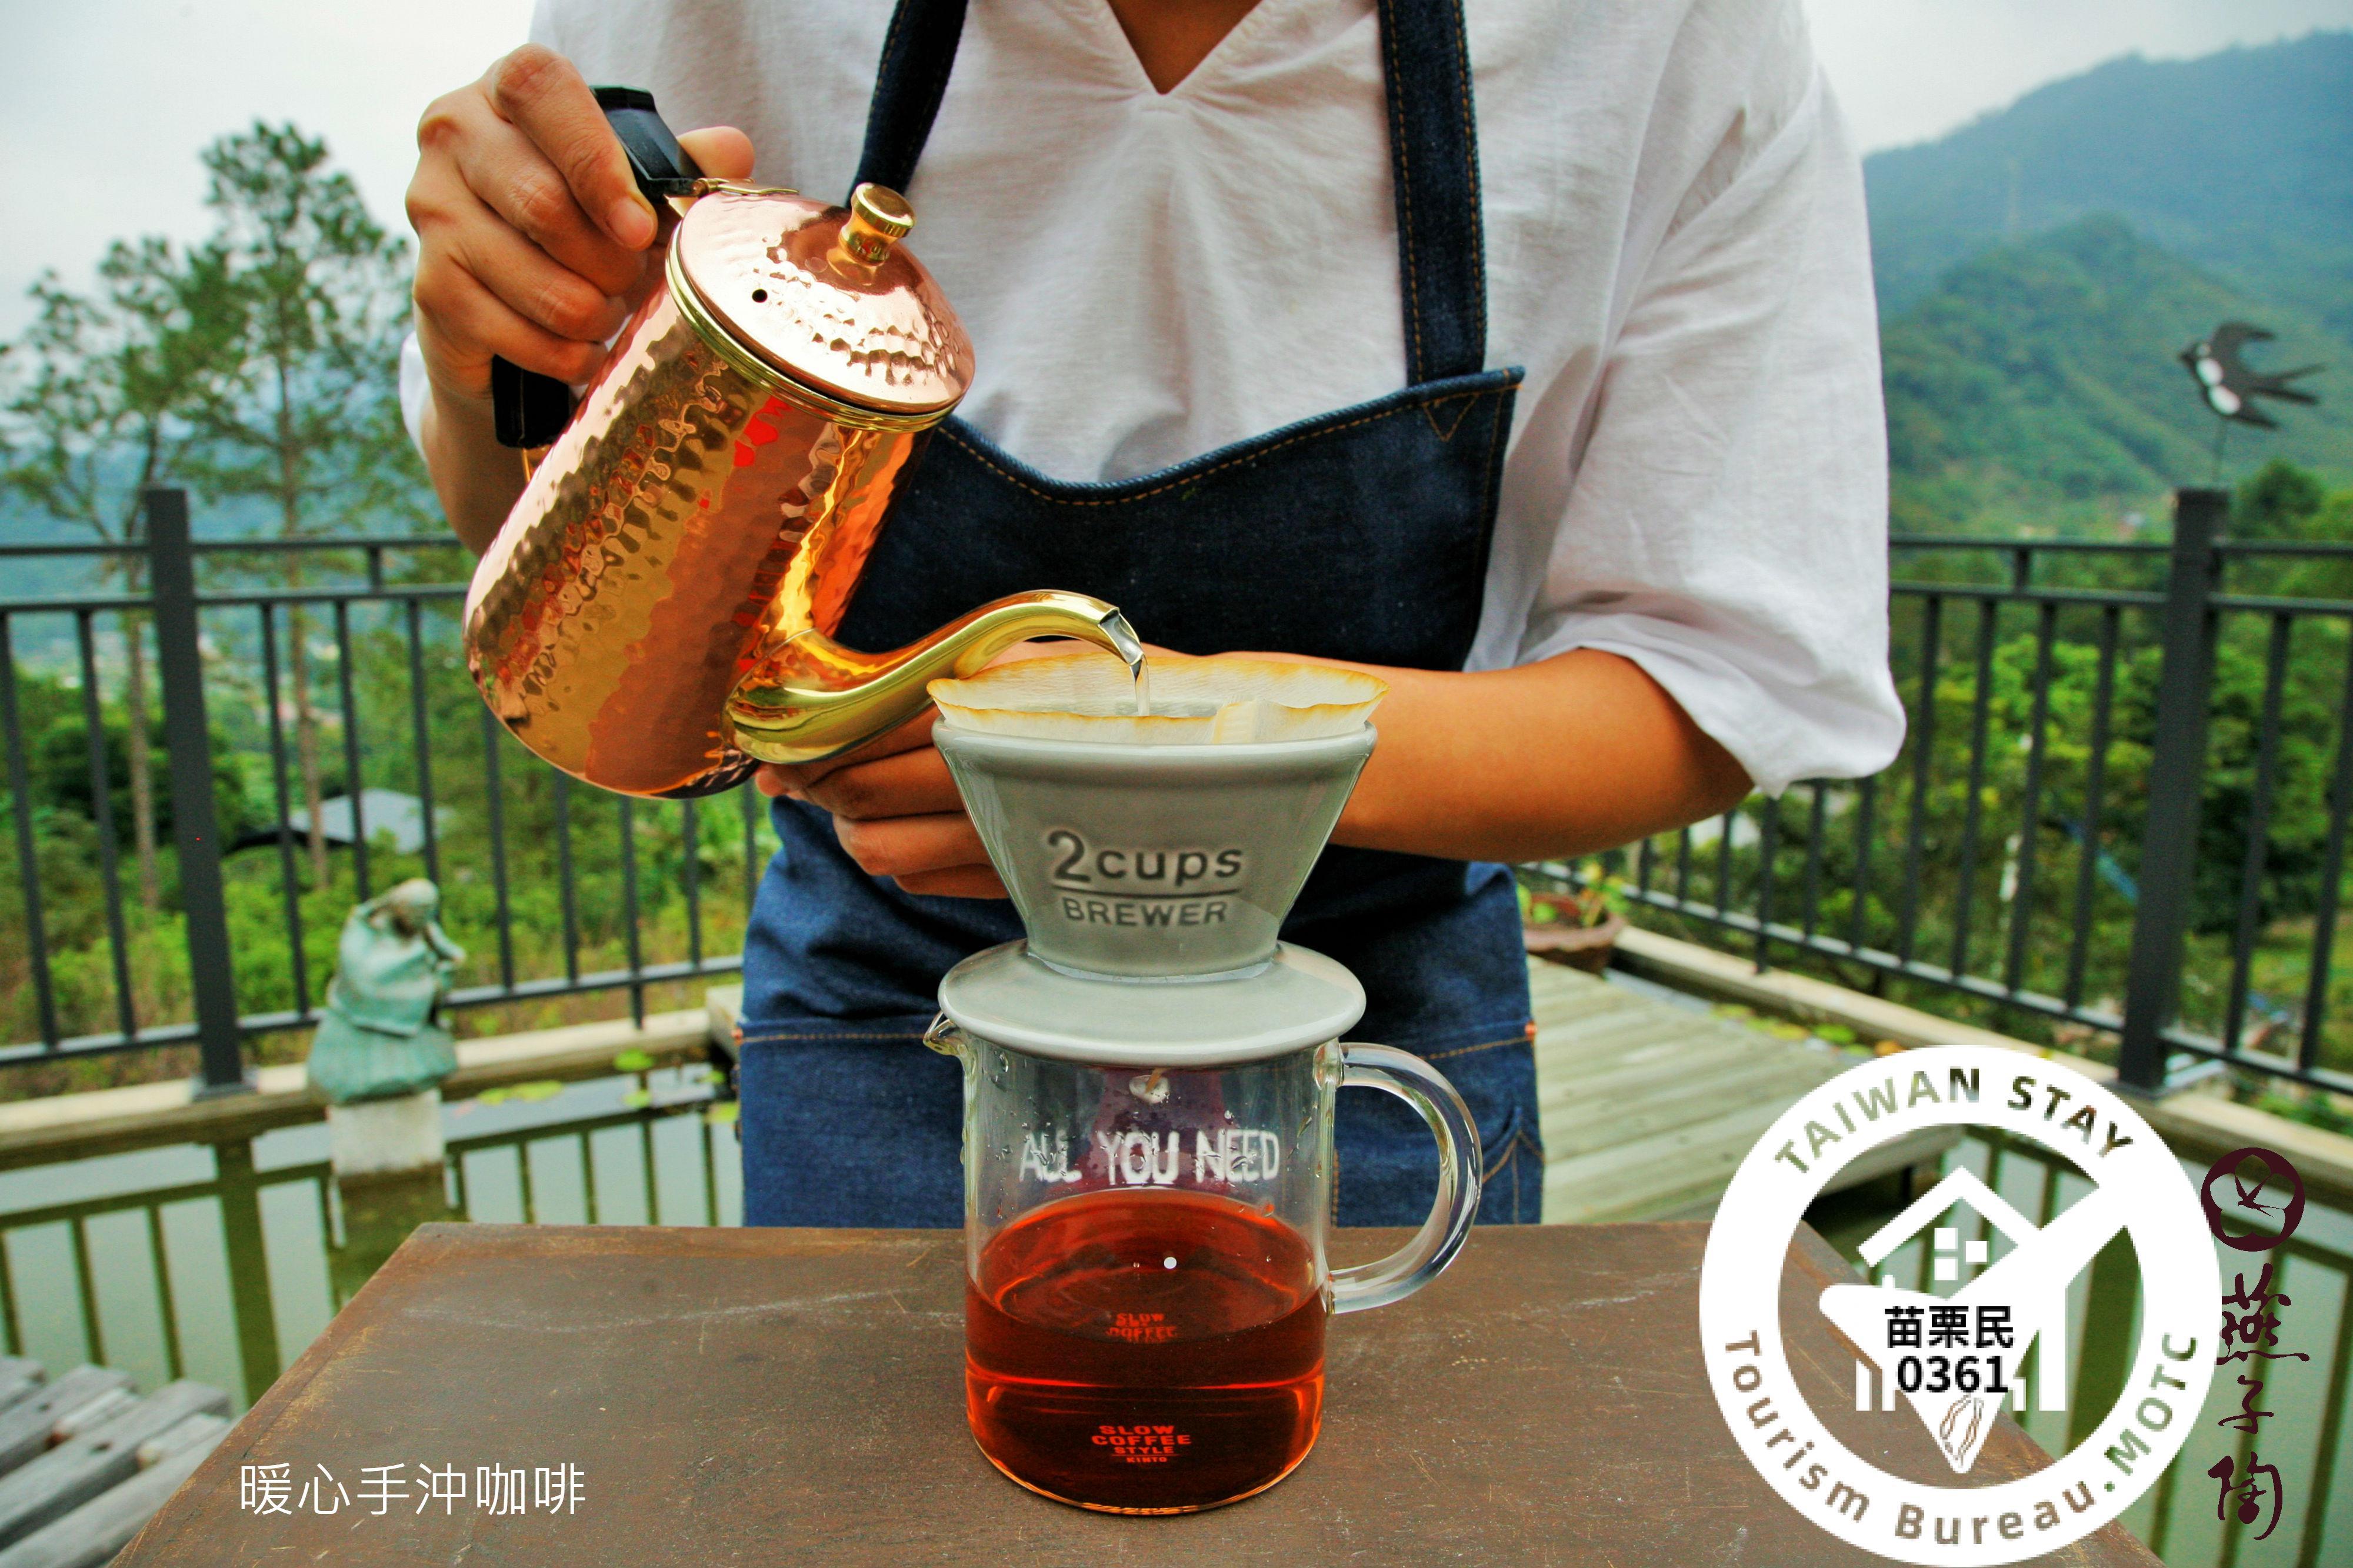 暖心手沖咖啡  住宿可享陶鍋咖啡優惠